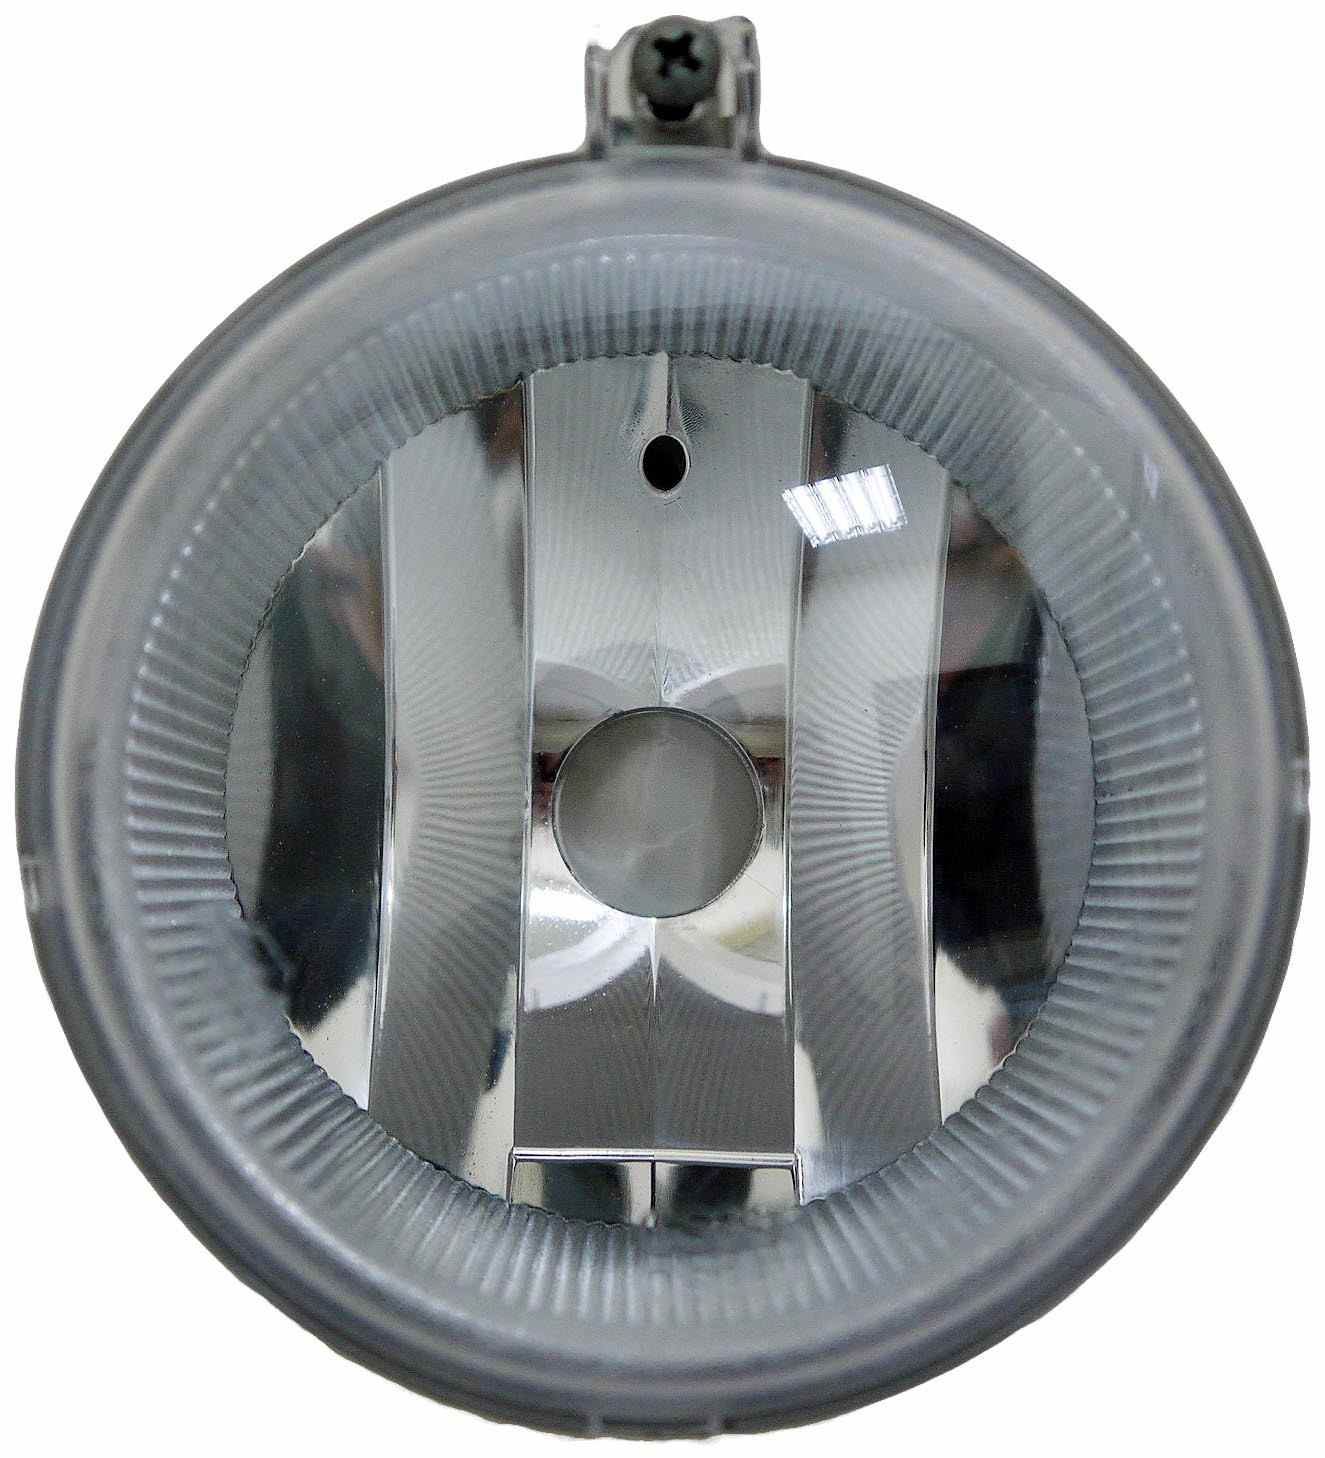 DORMAN OE SOLUTIONS - Fog Light Assembly - DRE 923-838